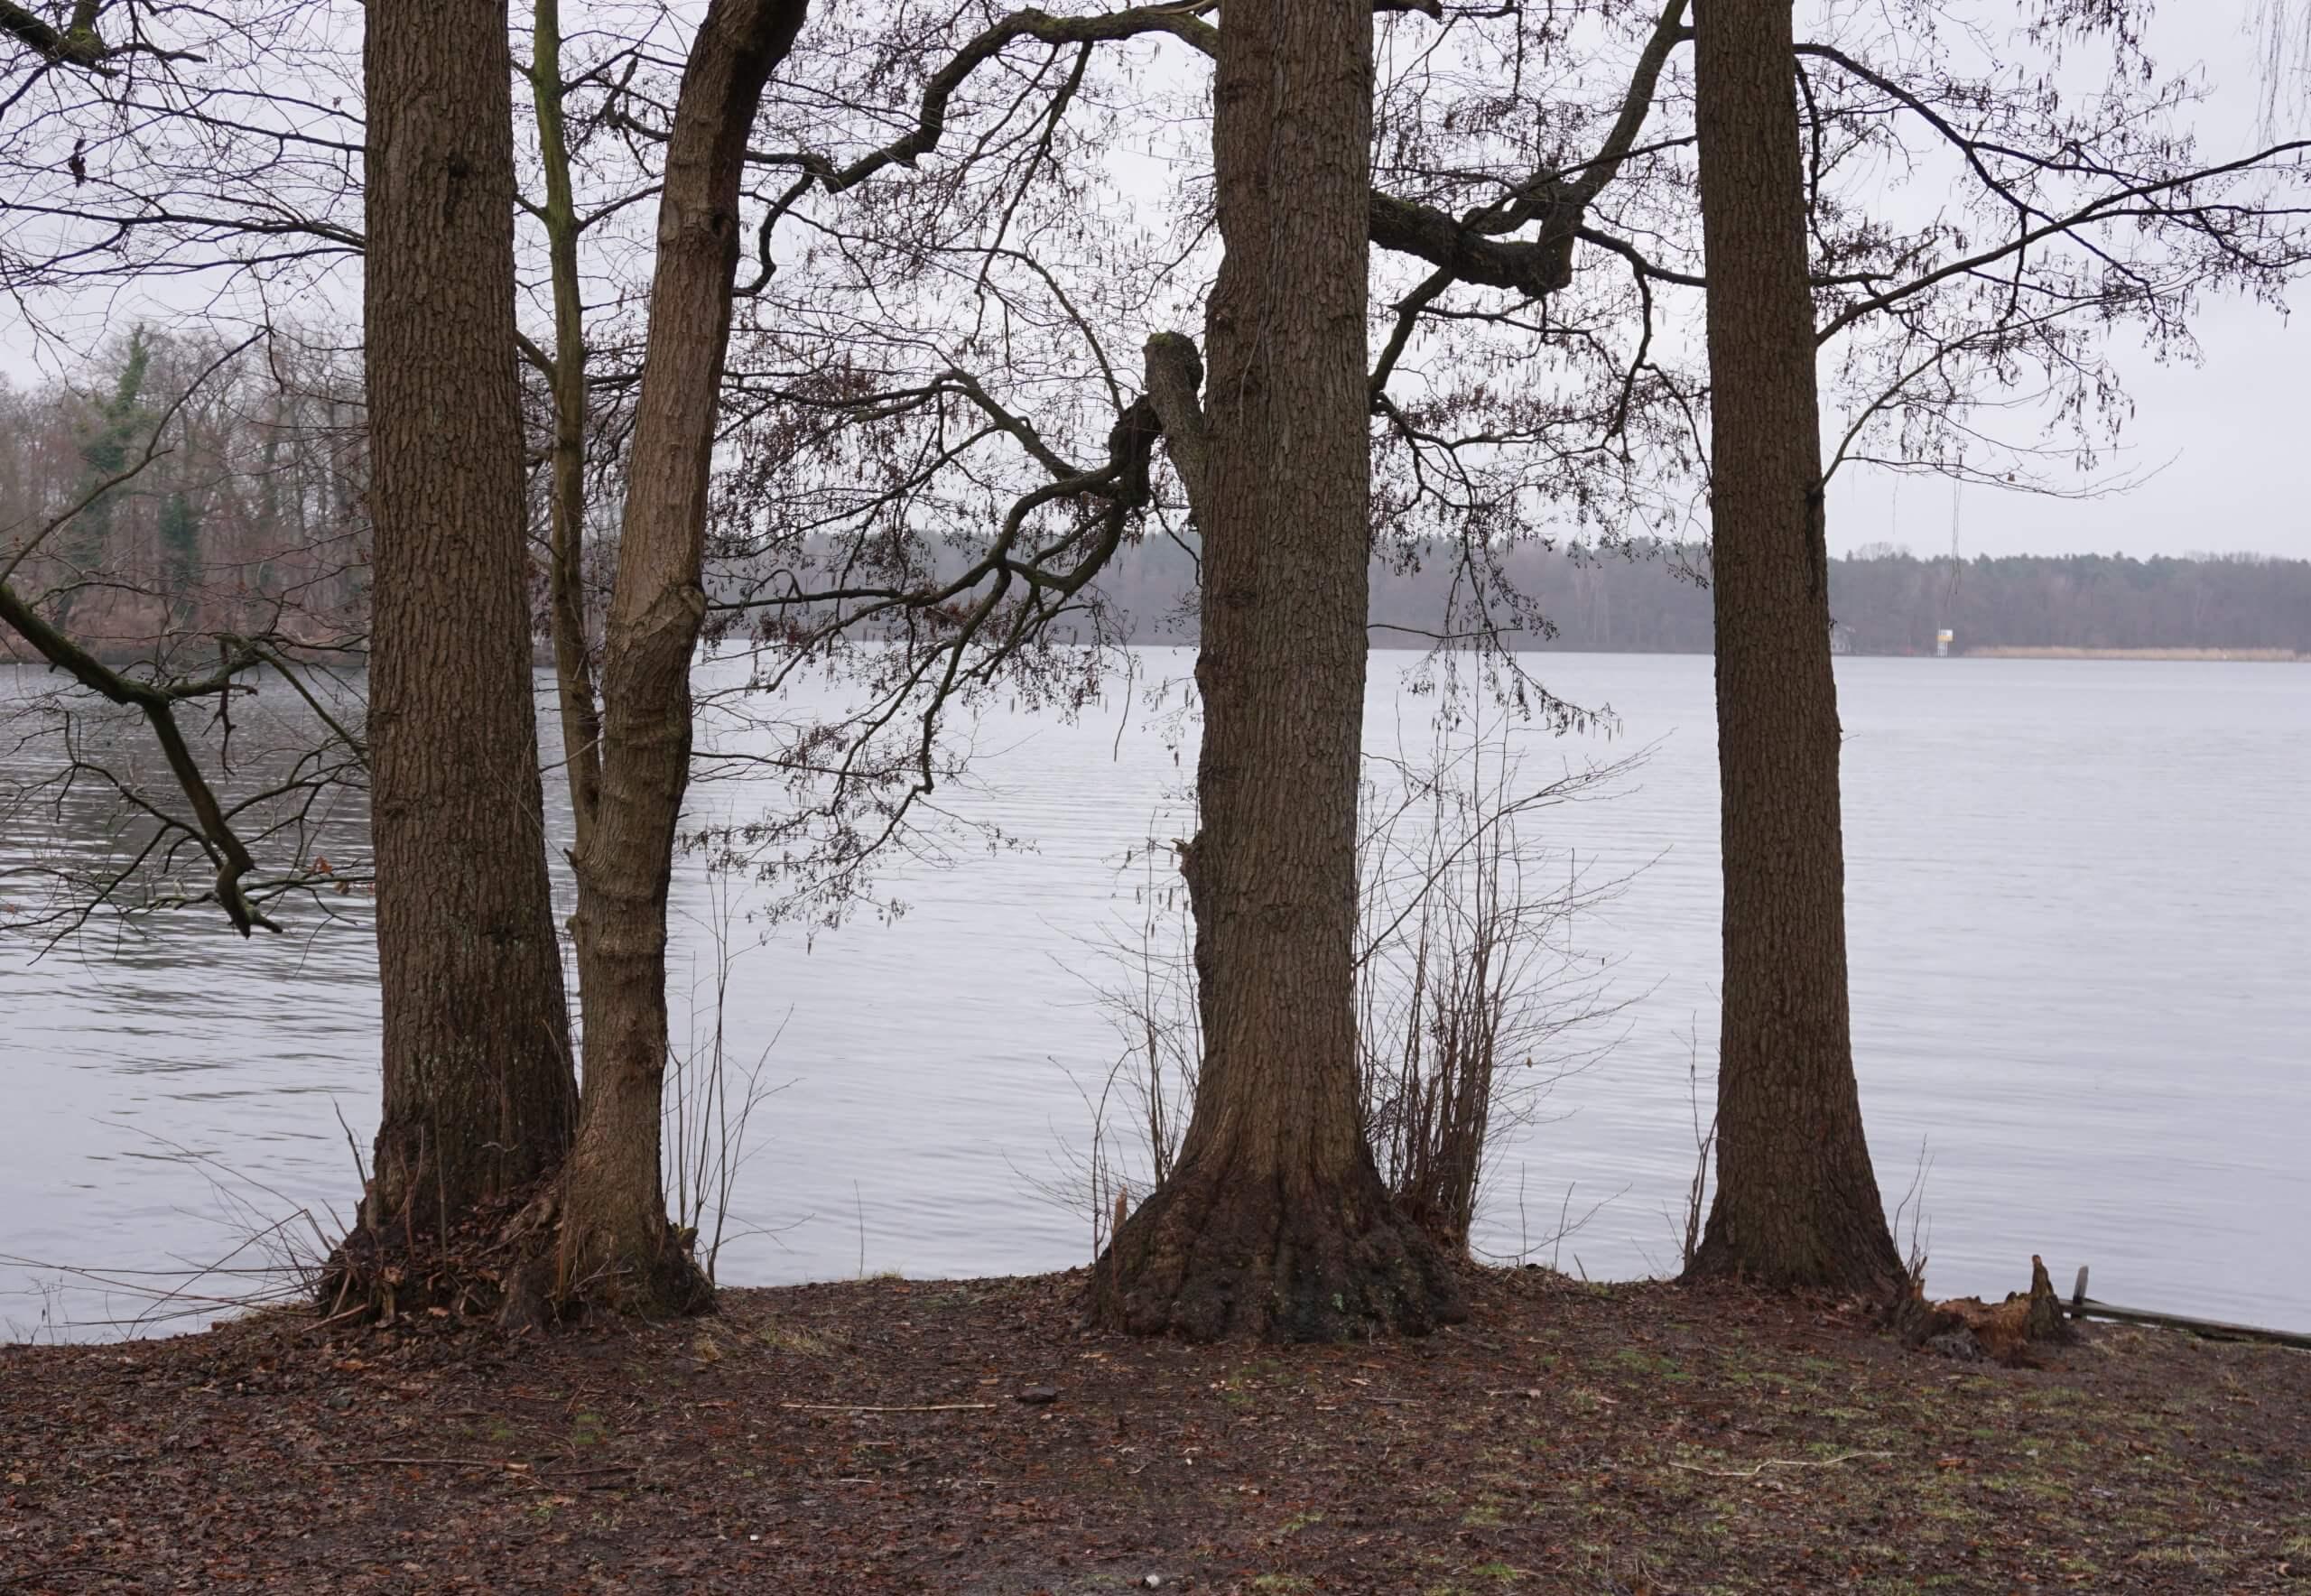 Das Bild zeigt Schwarz-Erlen im Uferbereich eines berlin-brandenburgischen Sees. Der mittlere Baum zeigt die für die Schwarz-Erle typischen Verdickungen an der Stammbasis und die Wurzelreiser. Hier am Seddinsee im östlichen Berlin im März 2021.